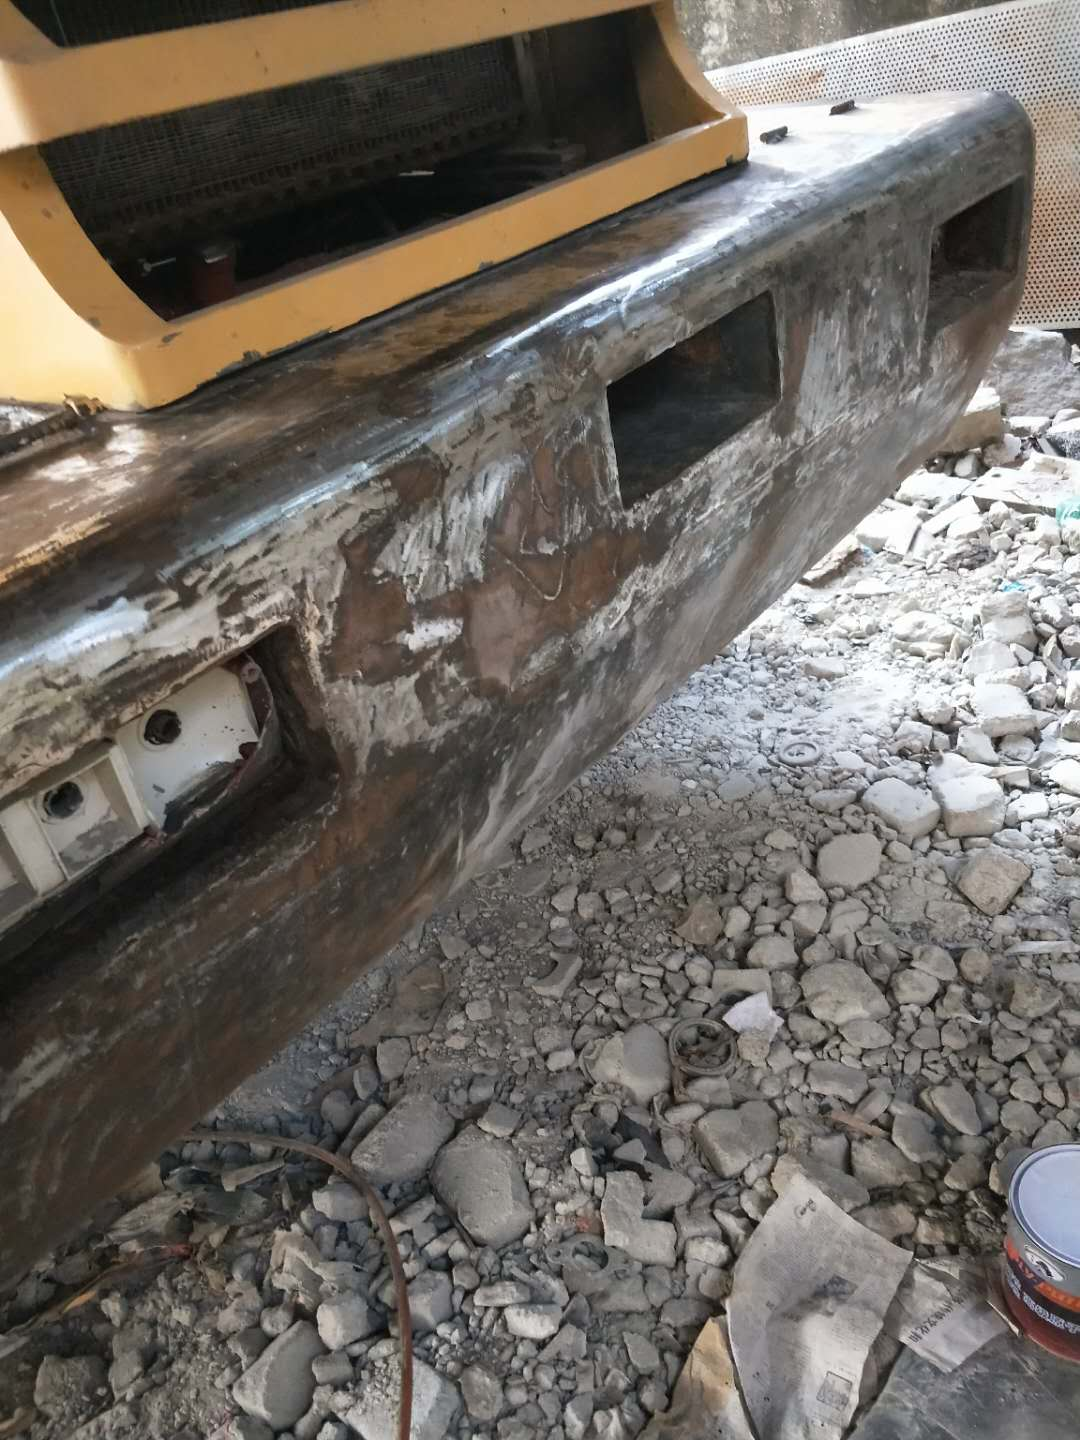 广东挖掘机翻新 挖掘机翻新哪里优惠 挖掘机翻新公司 哪里有挖掘机翻新